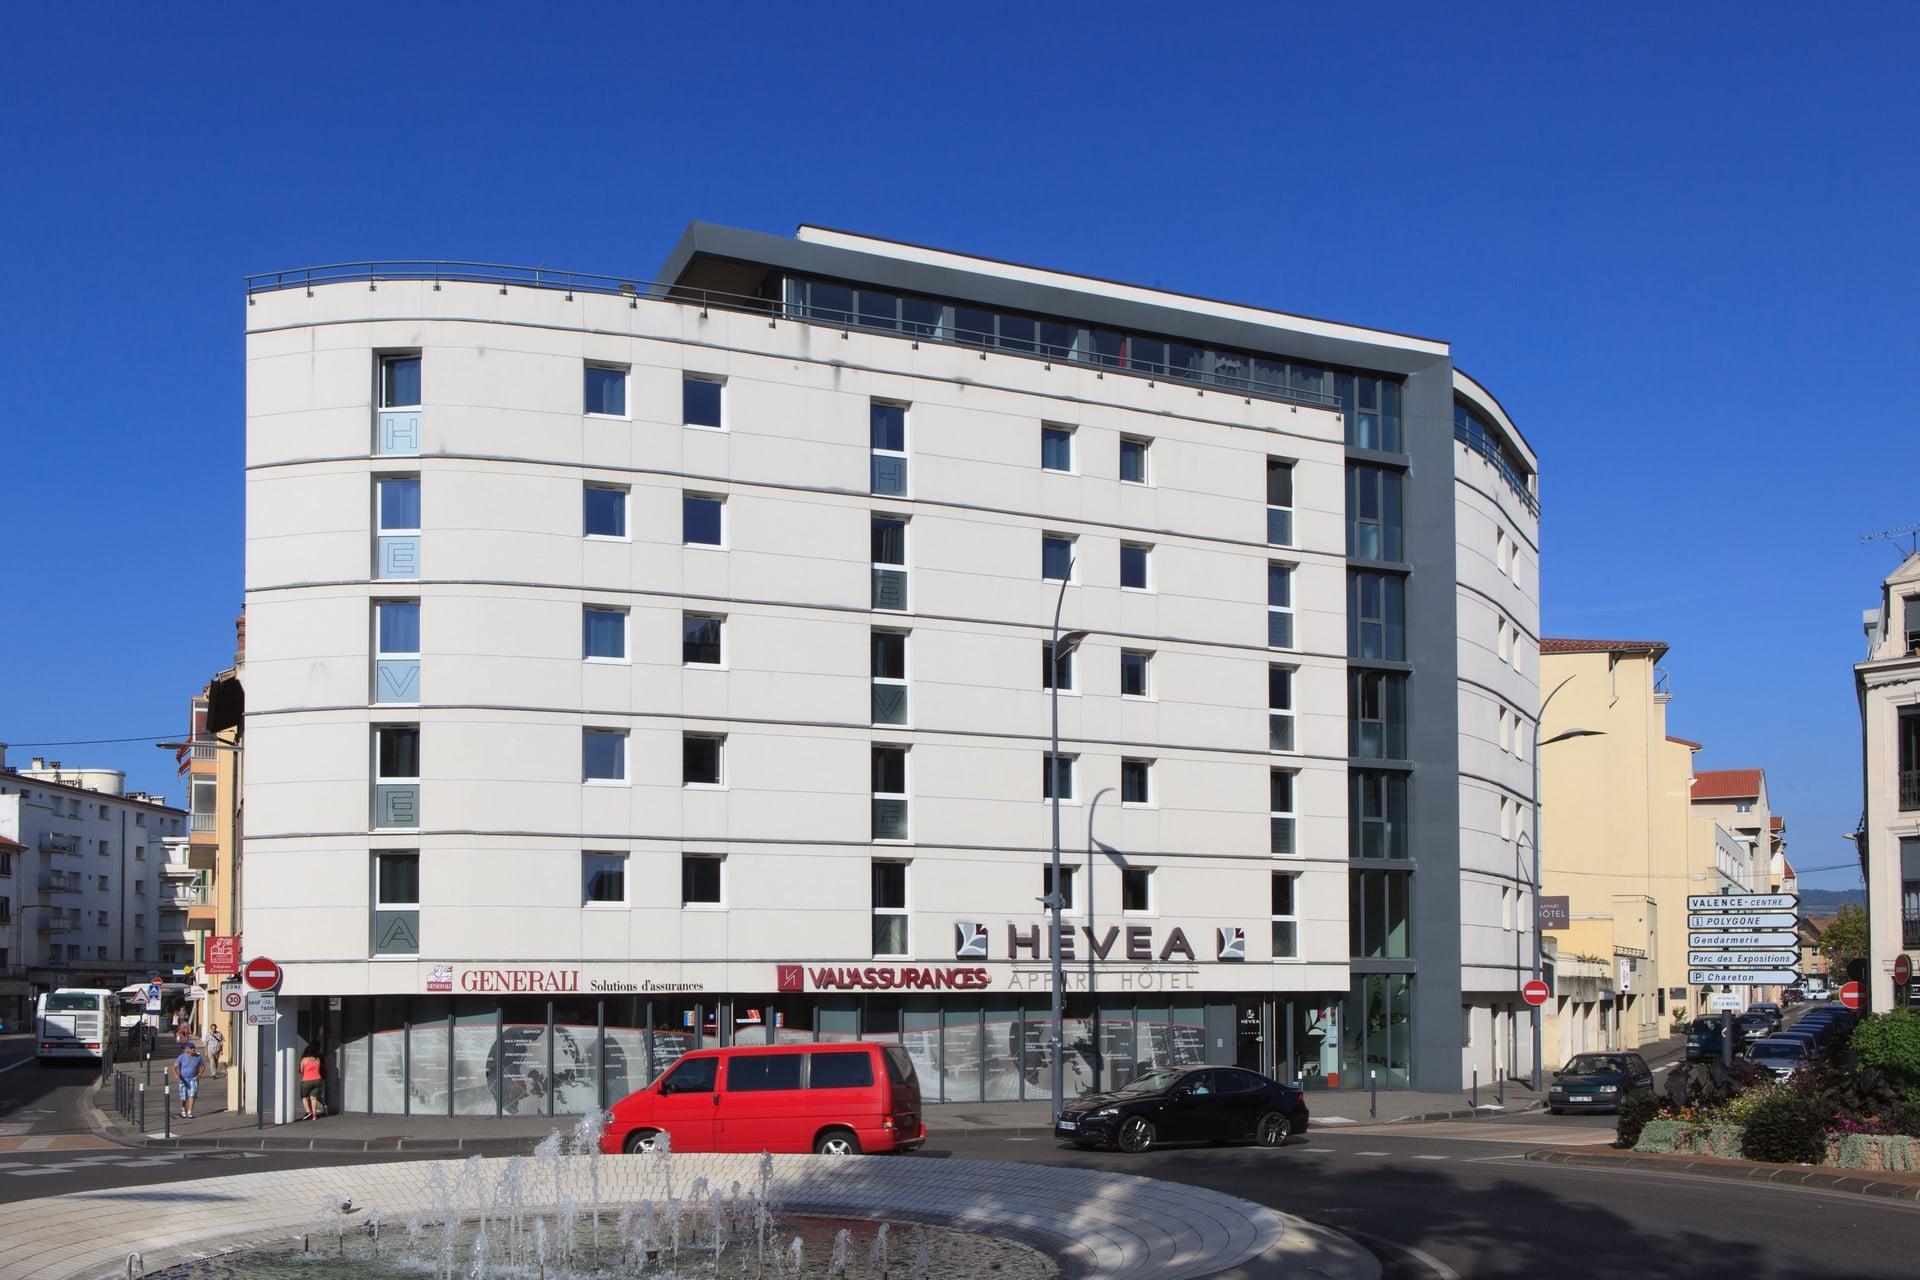 Hôtel HEVEA à VALENCE